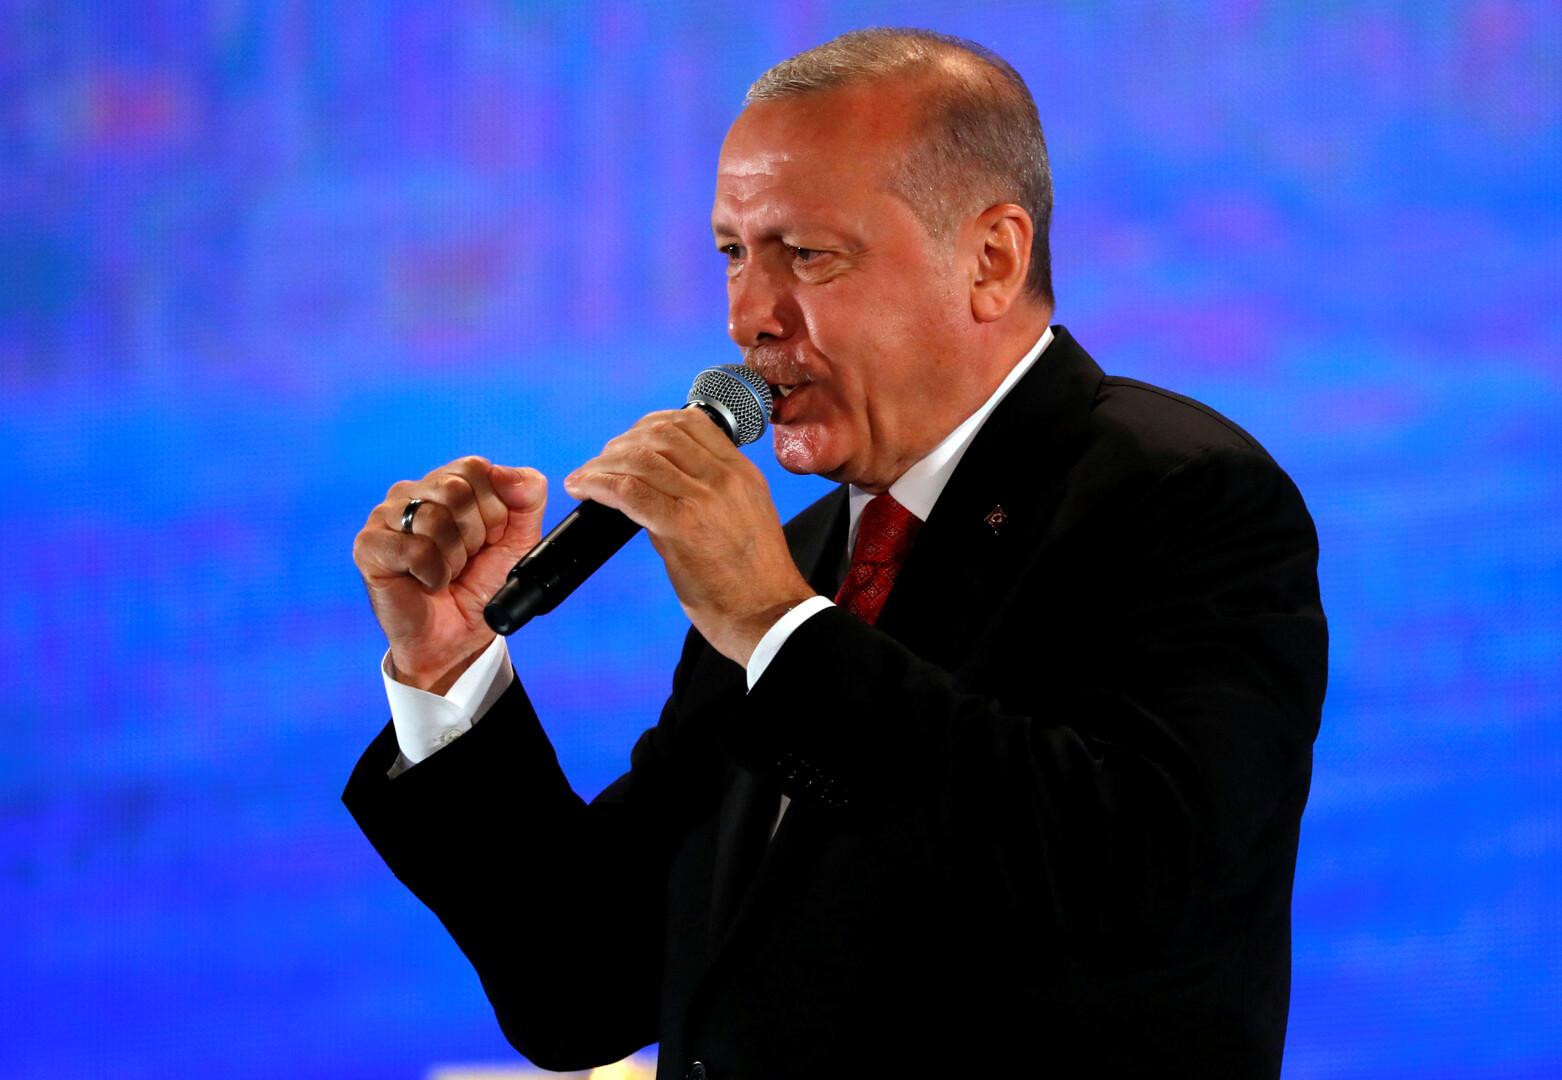 أردوغان: لن يكون لنا خيار سوى فتح أبوابنا إلى دول أوروبا أمام اللاجئين إذا لم تمنحنا دعما كافيا